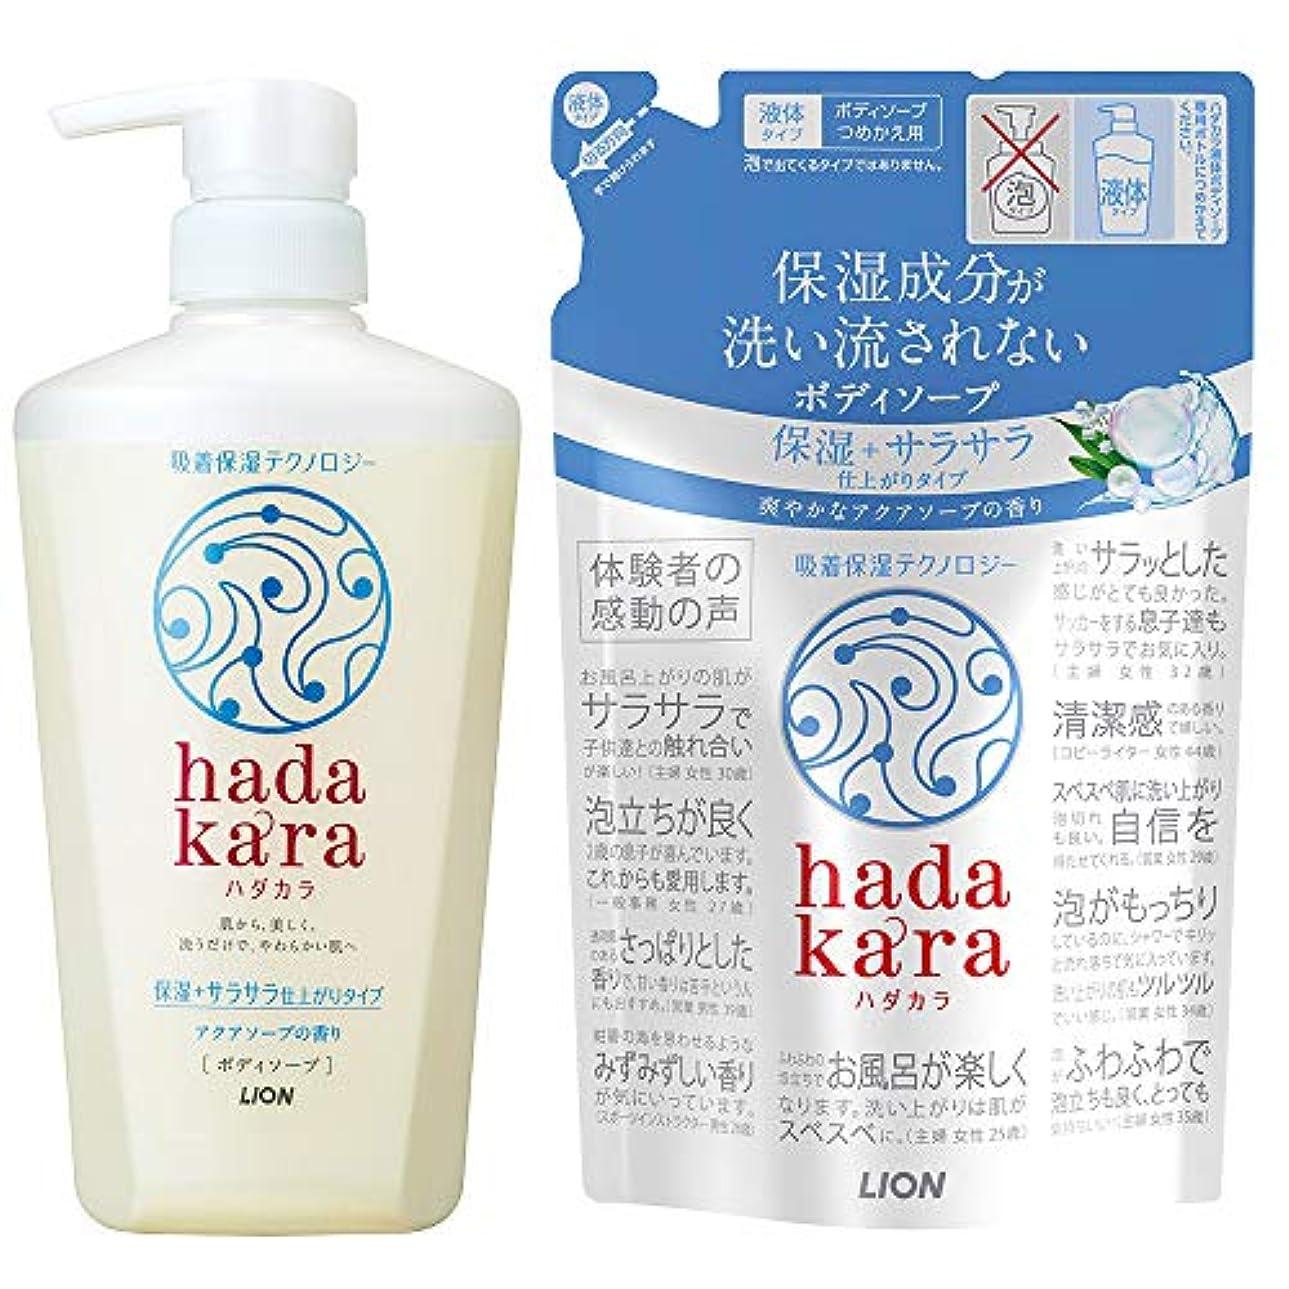 世界的に意味原点hadakara(ハダカラ)ボディソープ 保湿+サラサラ仕上がりタイプ アクアソープの香り 本体 480ml + つめかえ 340ml